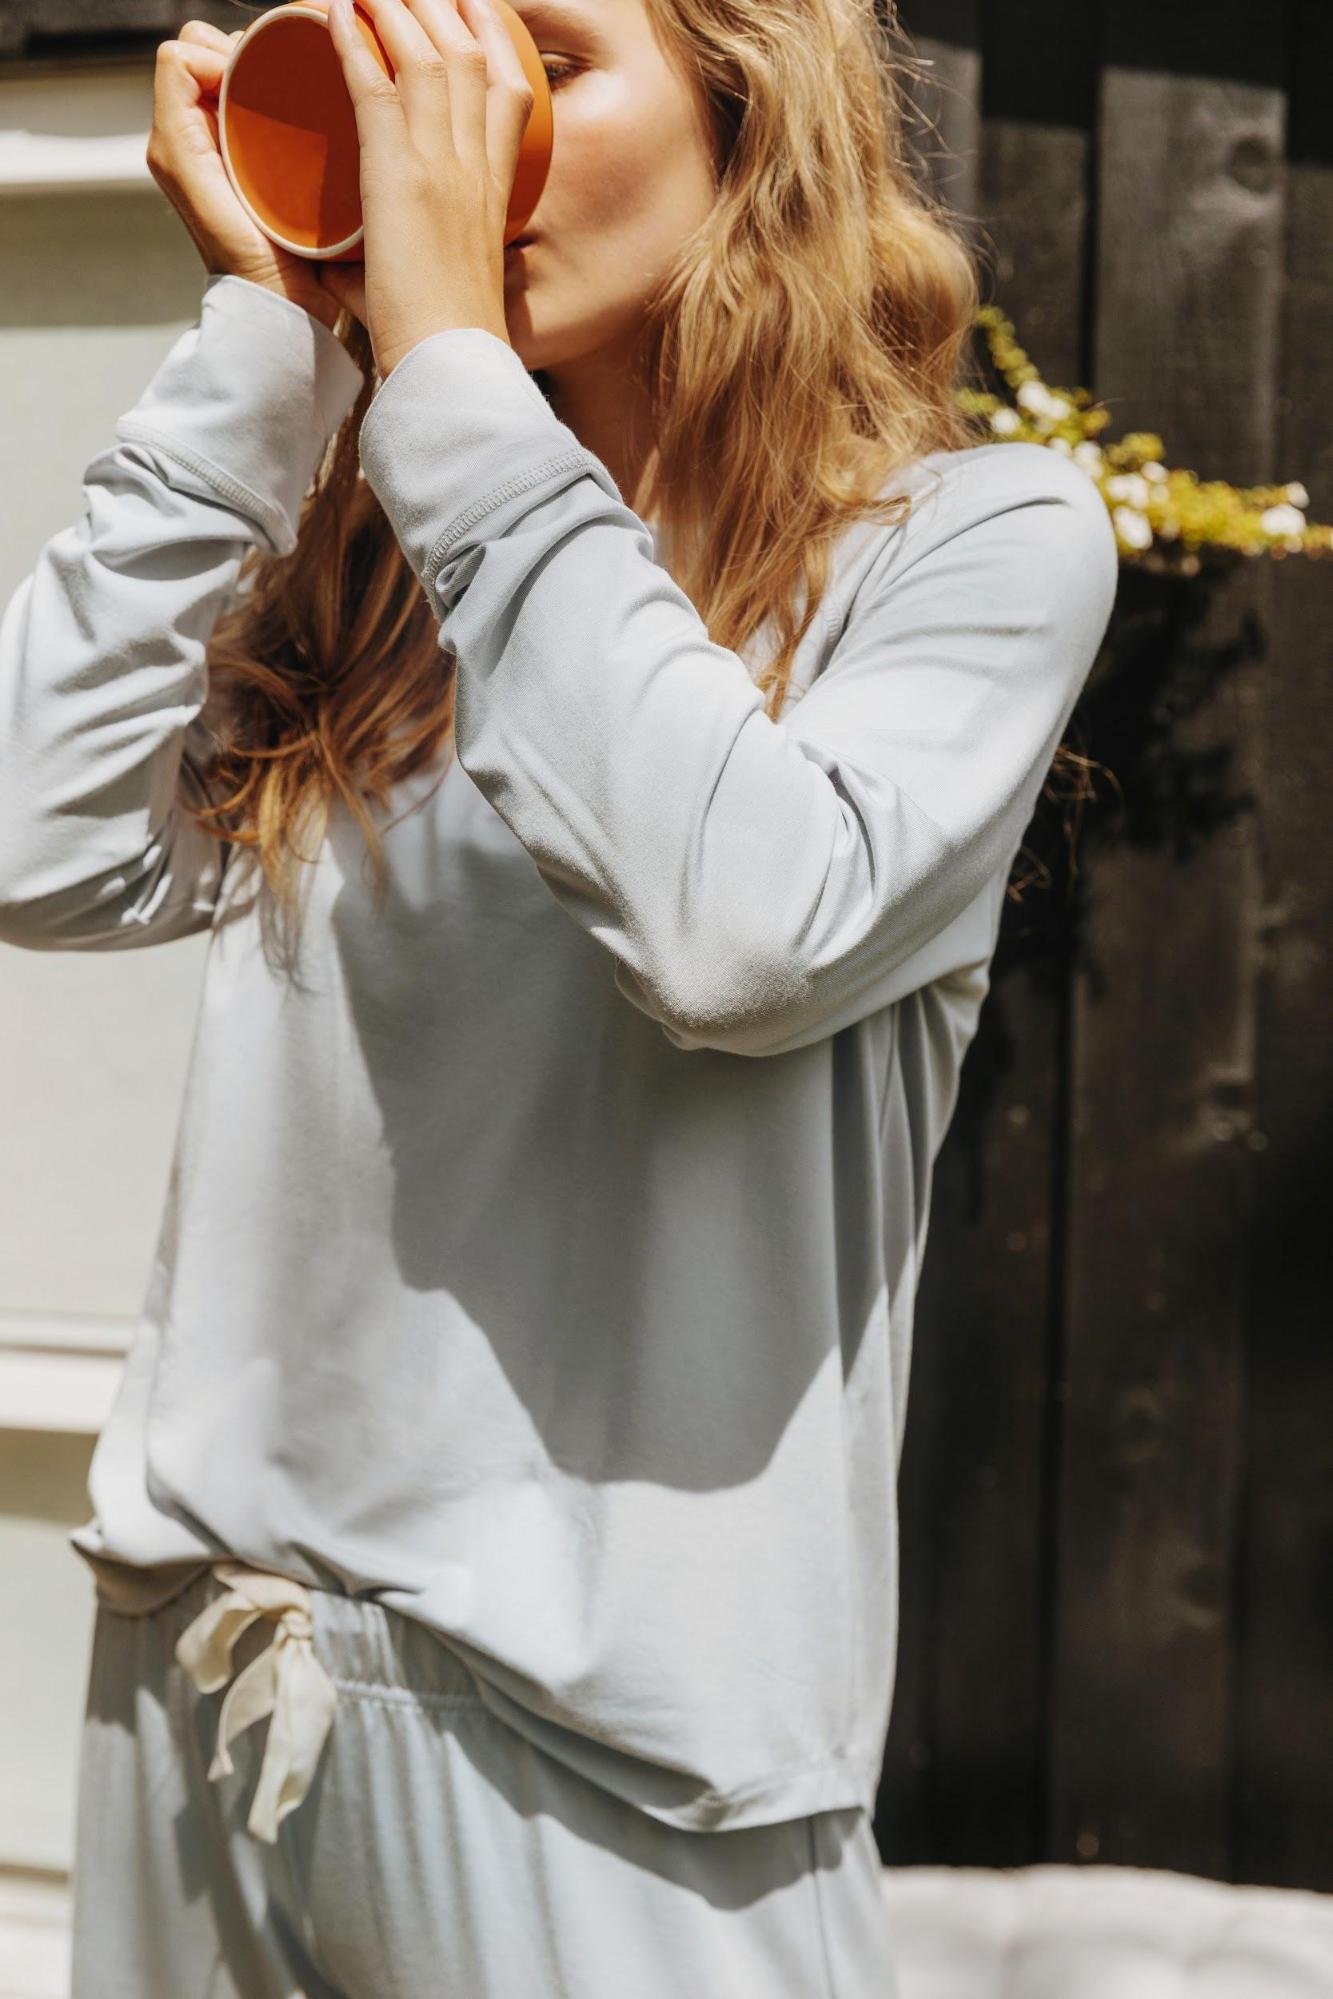 「BOODY(ブーディー)」は、人にも地球にもやさしくをコンセプトに、オーガニック竹布を使ったアパレルを作っているブランド